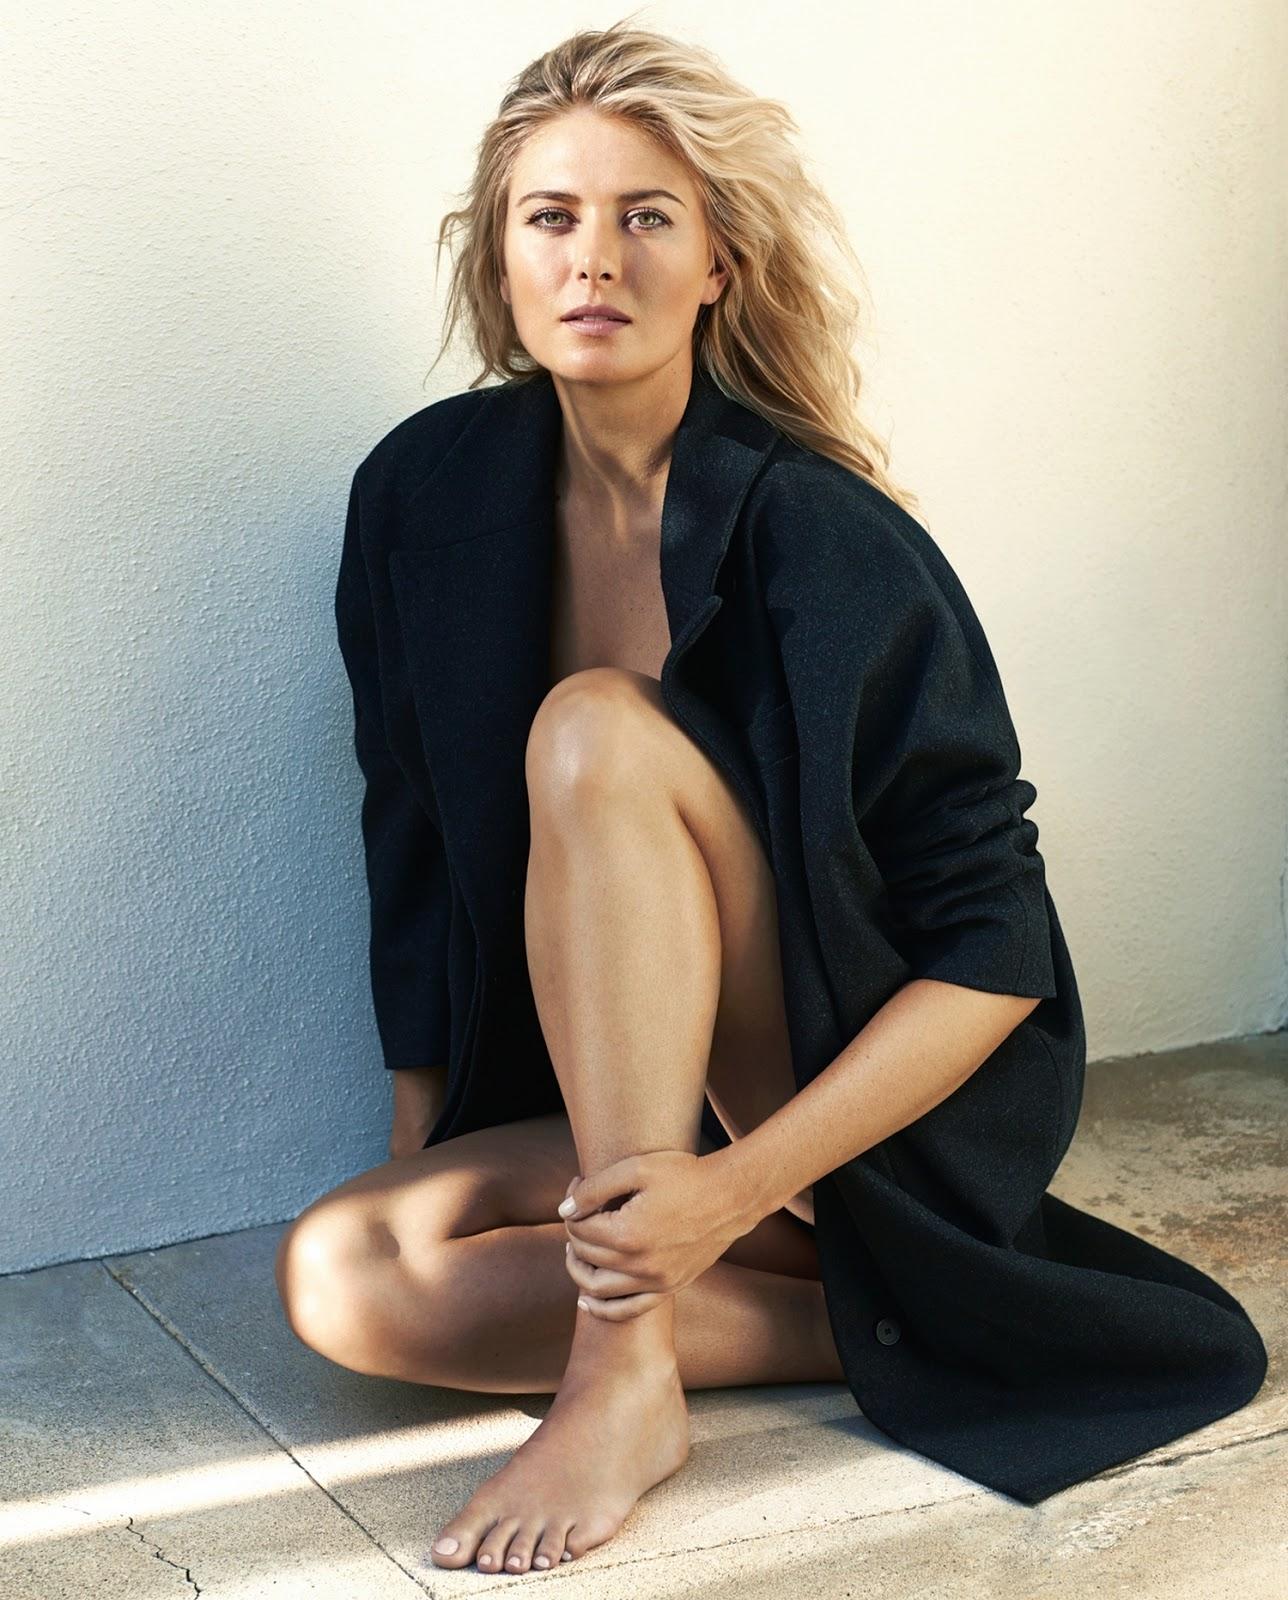 Maria Sharapova Feet - Tennis Players Beauty-4034